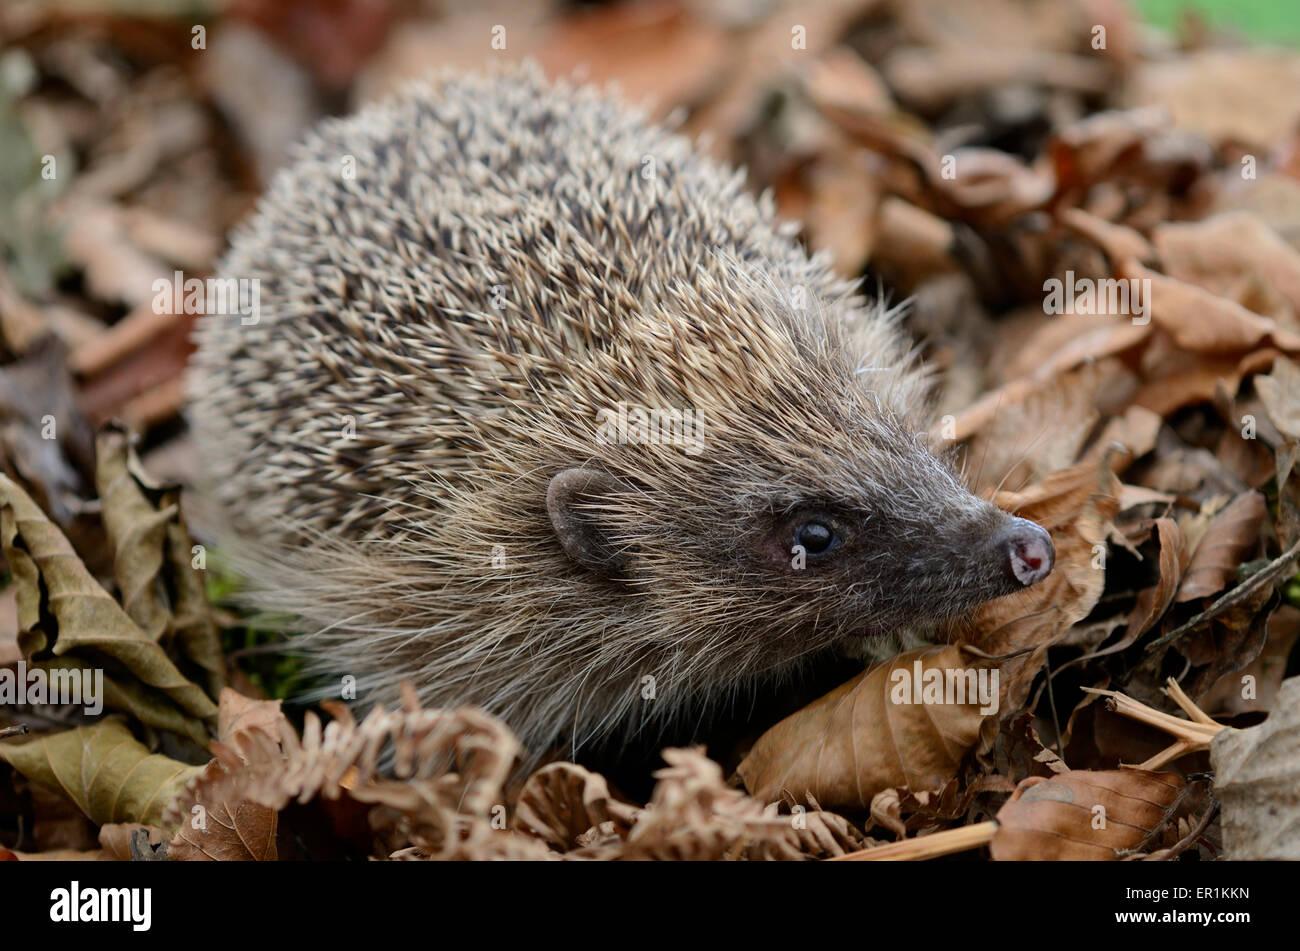 Hedgehog in leaf litter UK - Stock Image